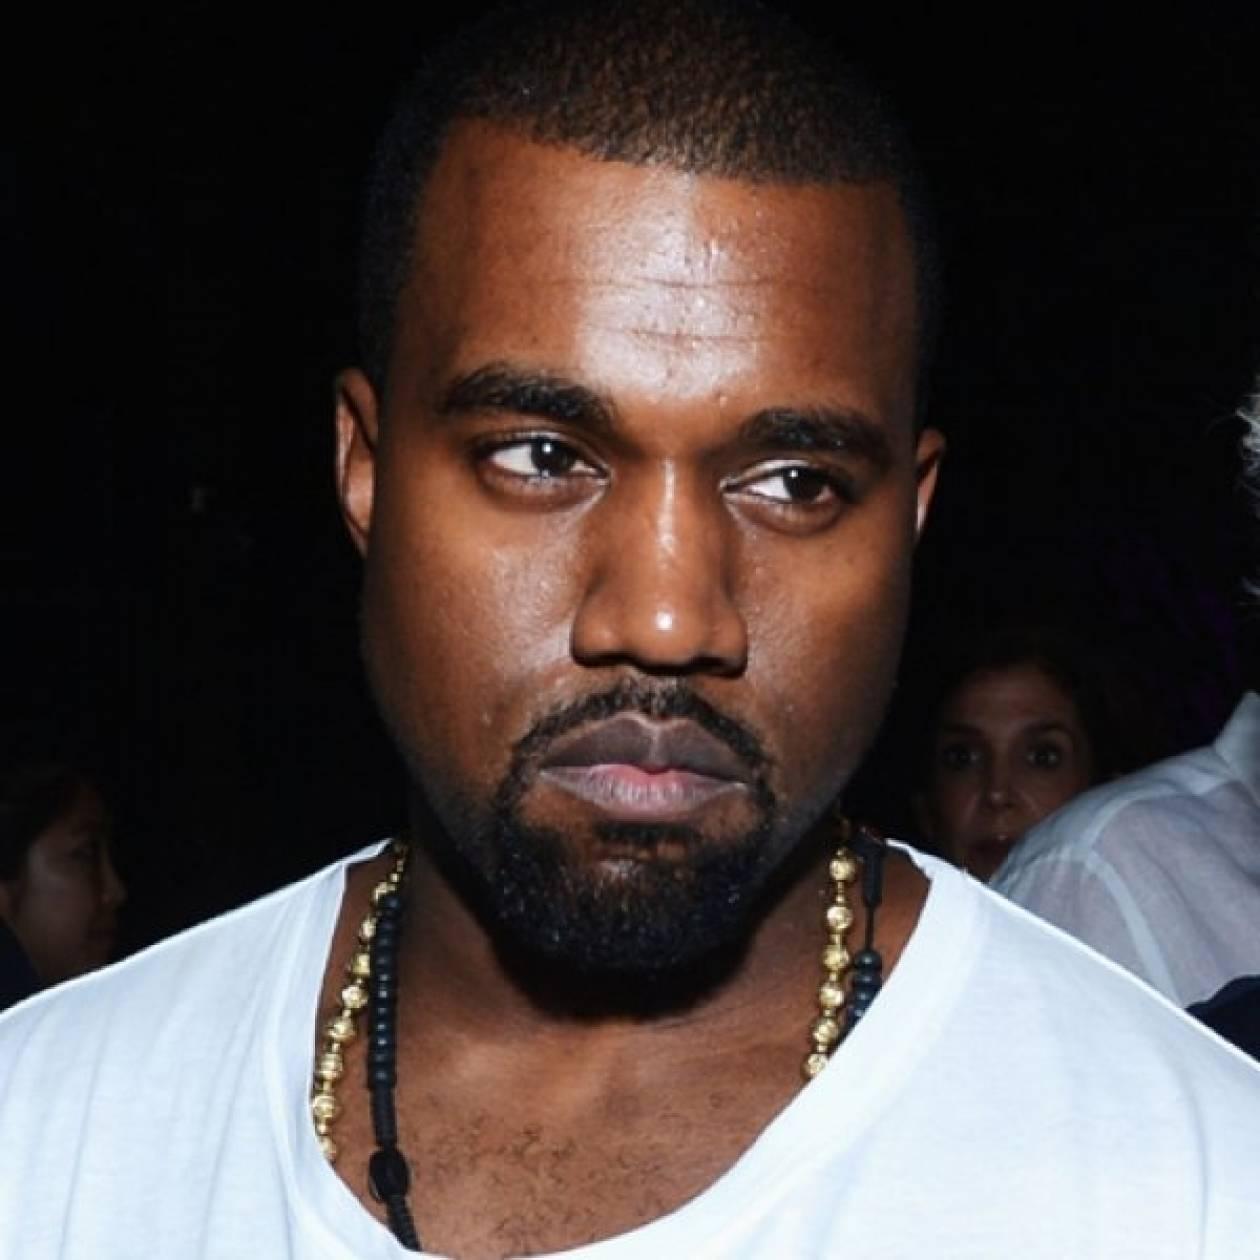 Πόσα ξόδεψε ο Kanye West για το δαχτυλίδι και την πρόταση γάμου;